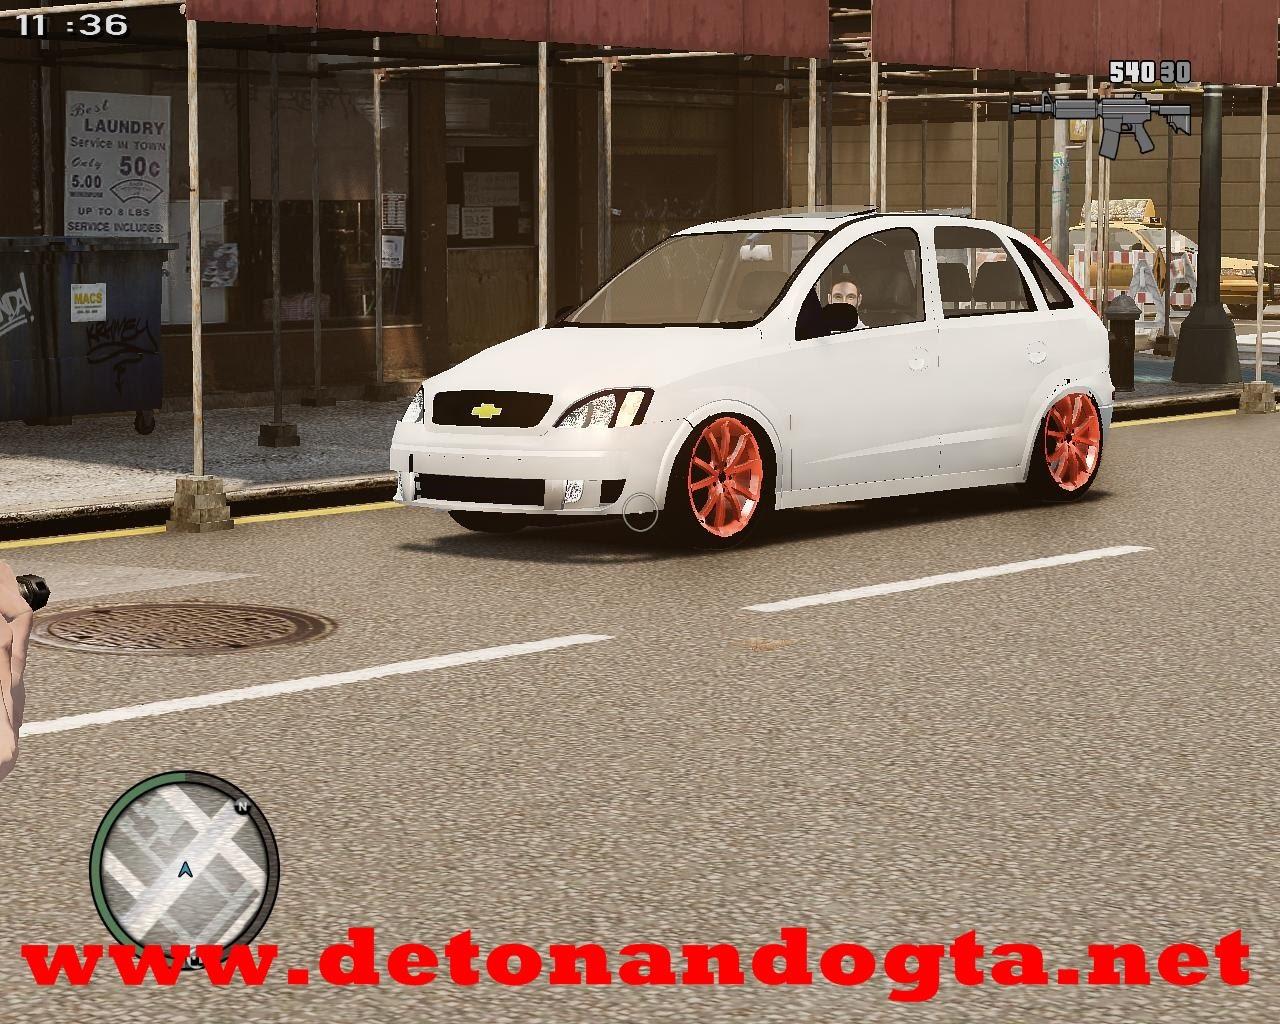 http://1.bp.blogspot.com/-xE6dKiNdXMs/TWsK9878NbI/AAAAAAAAALM/rm2k6O-r_Kg/s1600/0.jpg